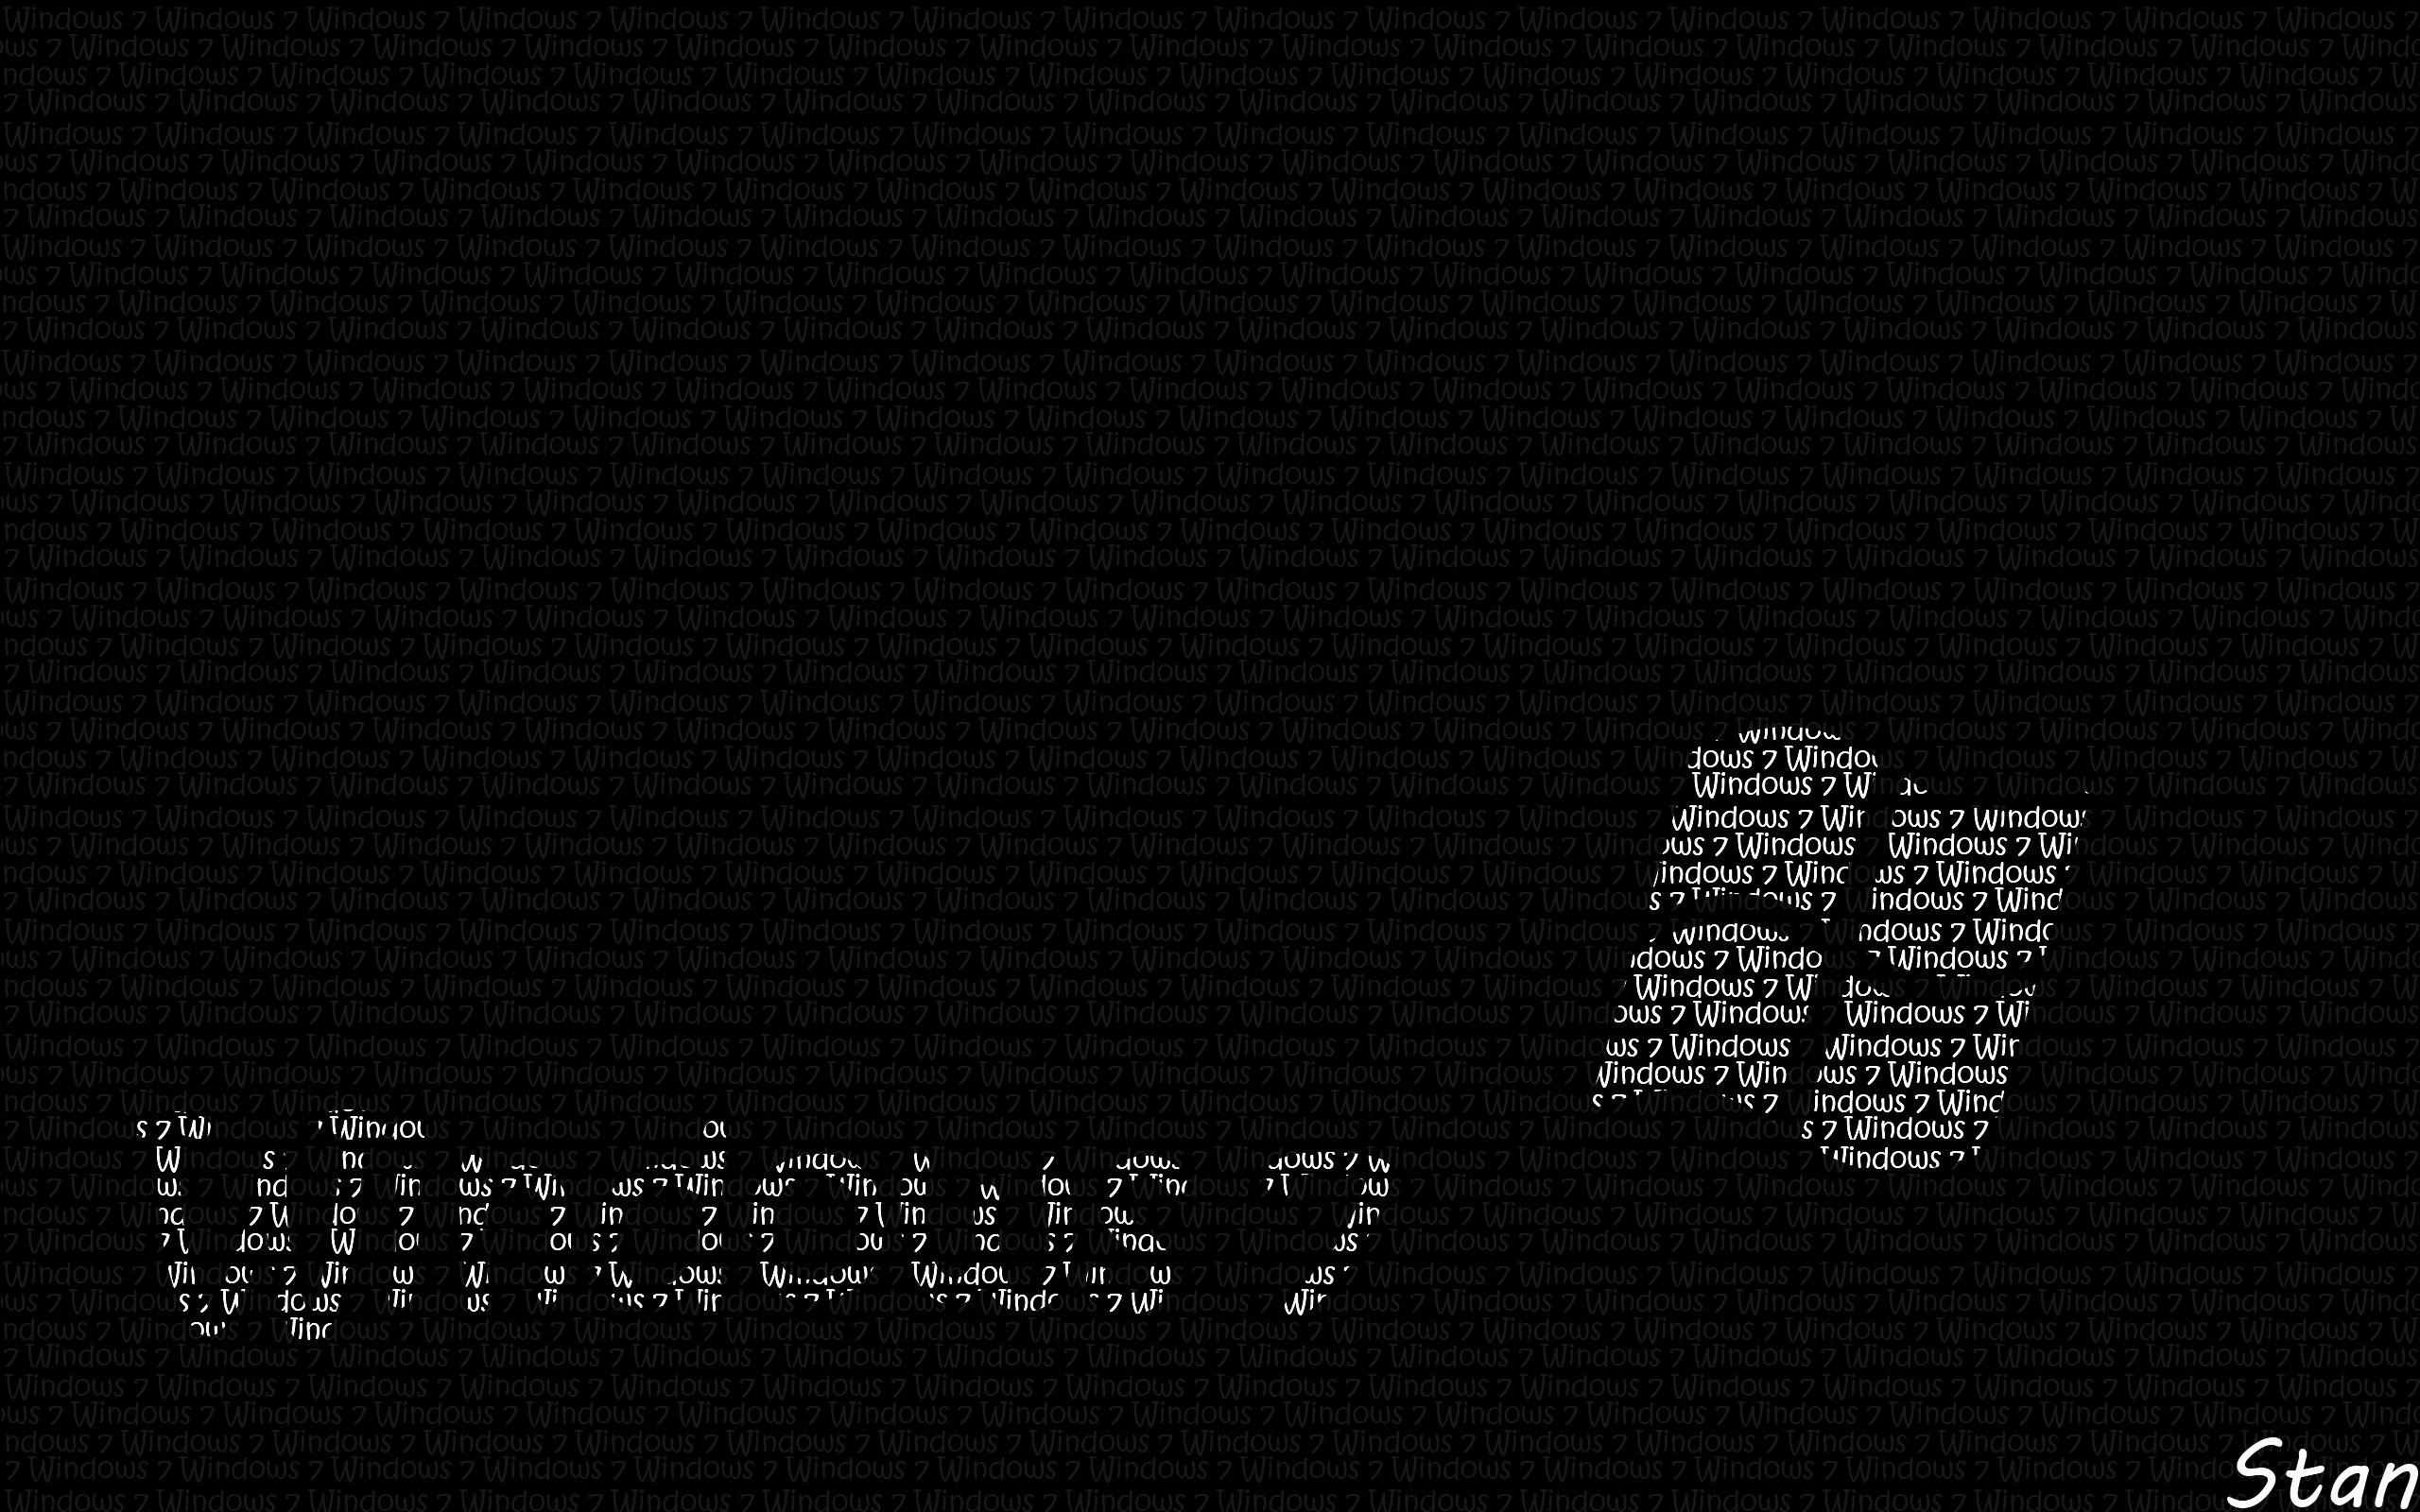 5c5d32c2247 2560x1600 2560x1600 Windows 7 Black Wallpapers - Wallpaper Cave